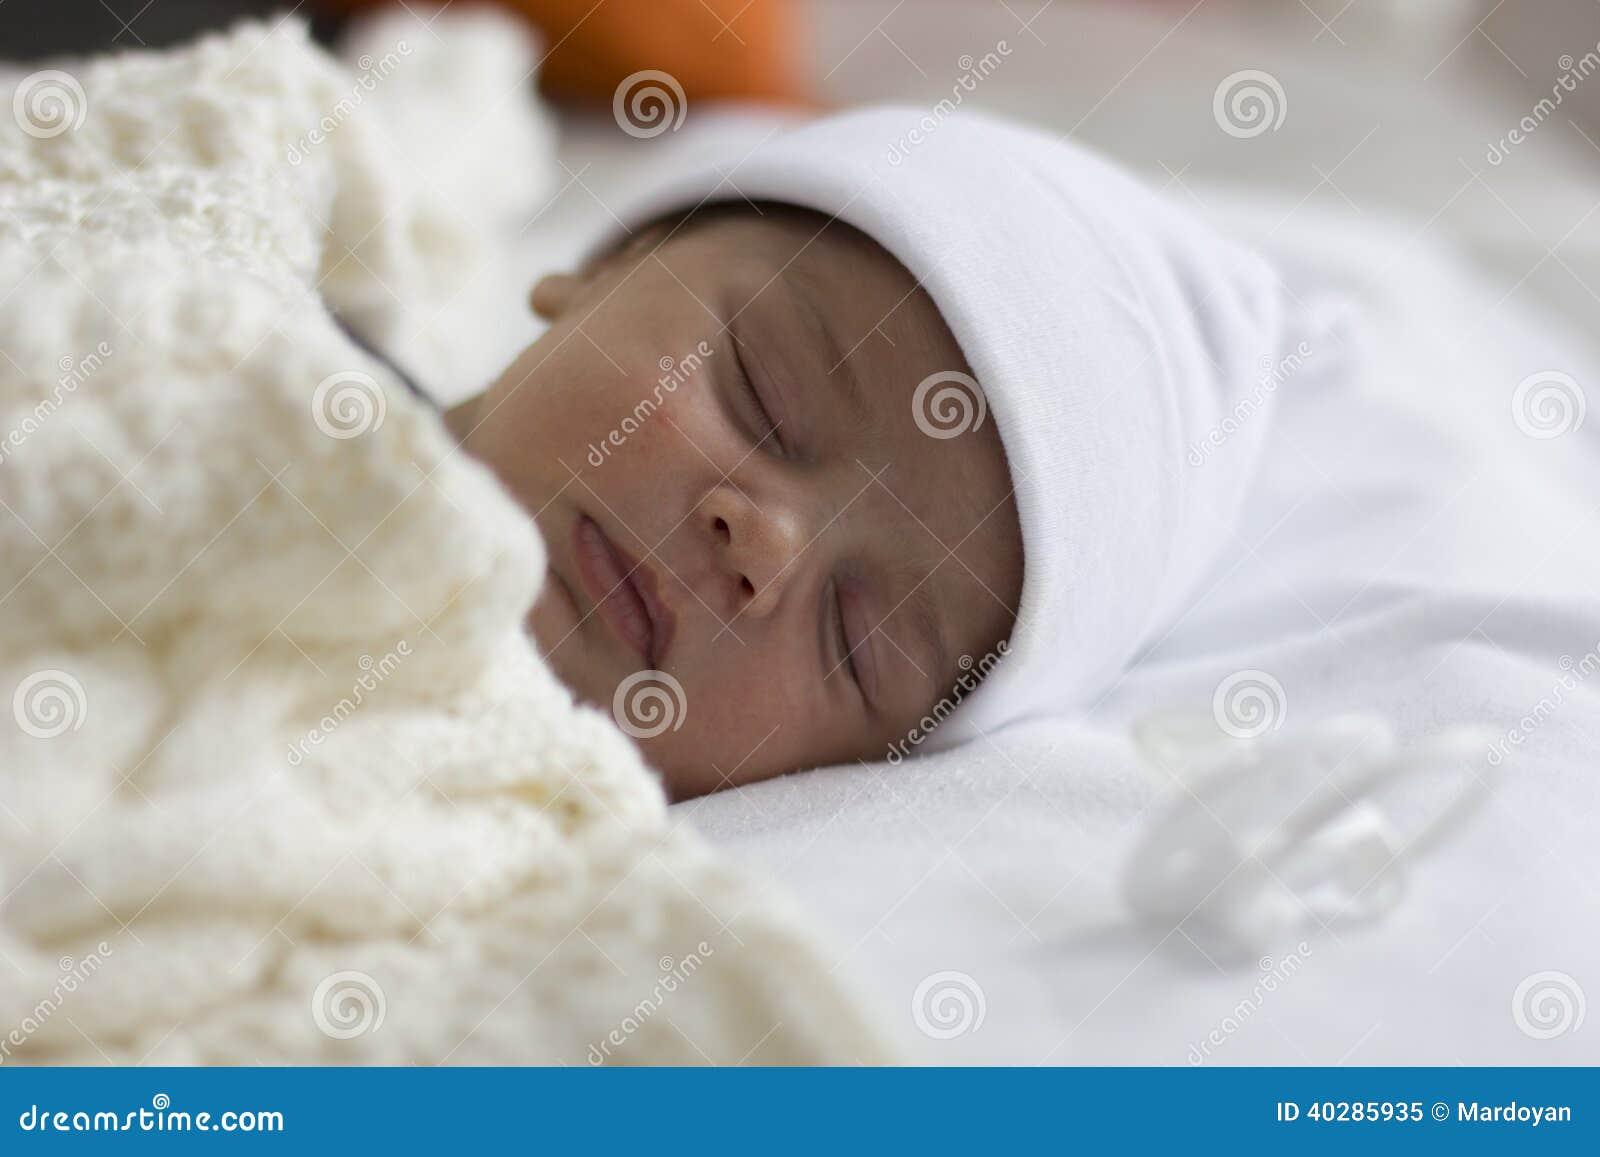 Cute newborn baby boy sleeping